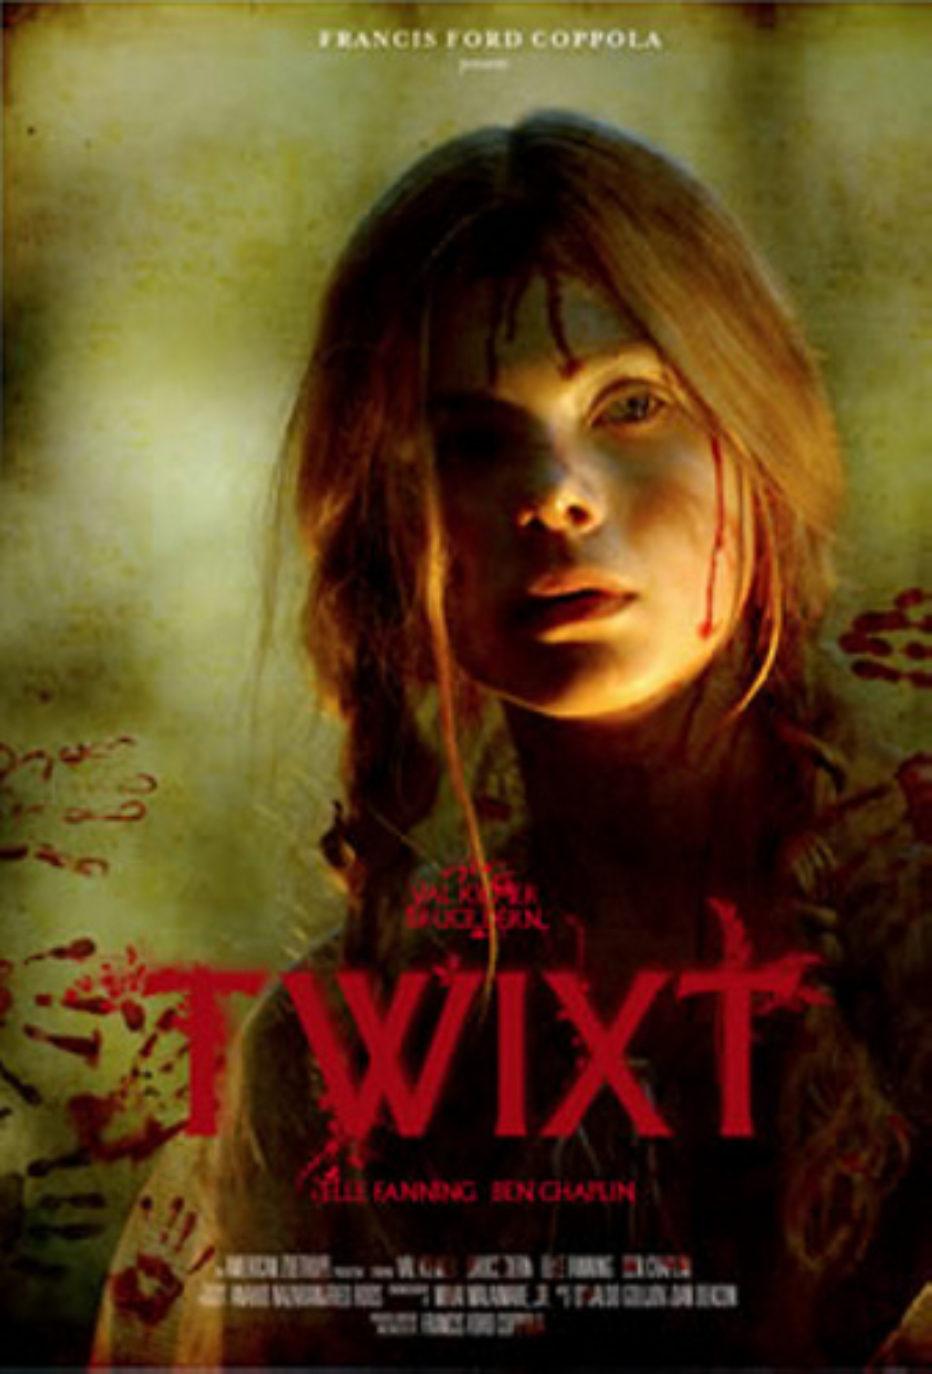 Tweets del día: Twixt, de Coppola y Rec 3, de Plaza